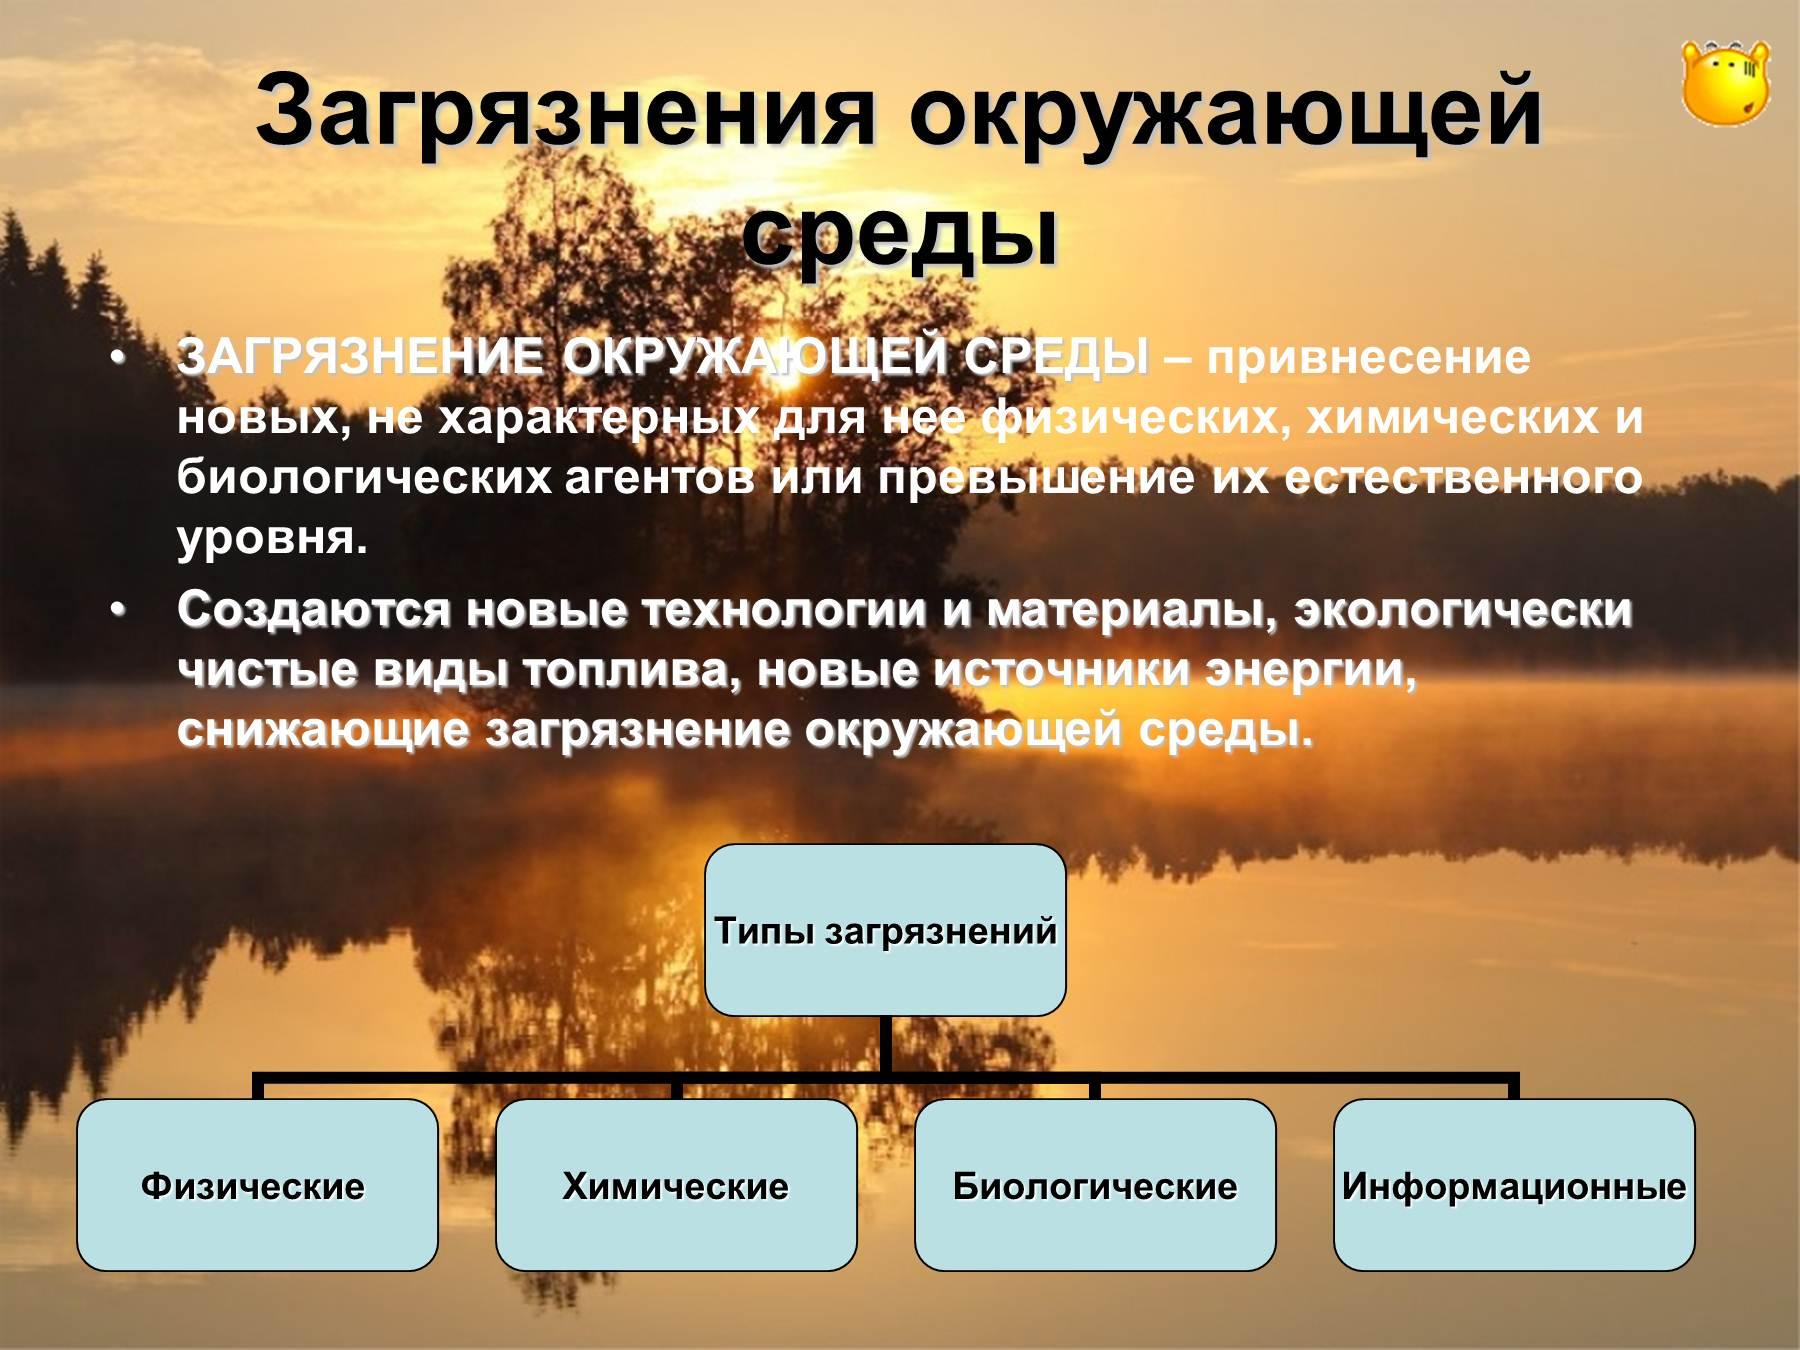 презентация тема экология картинки